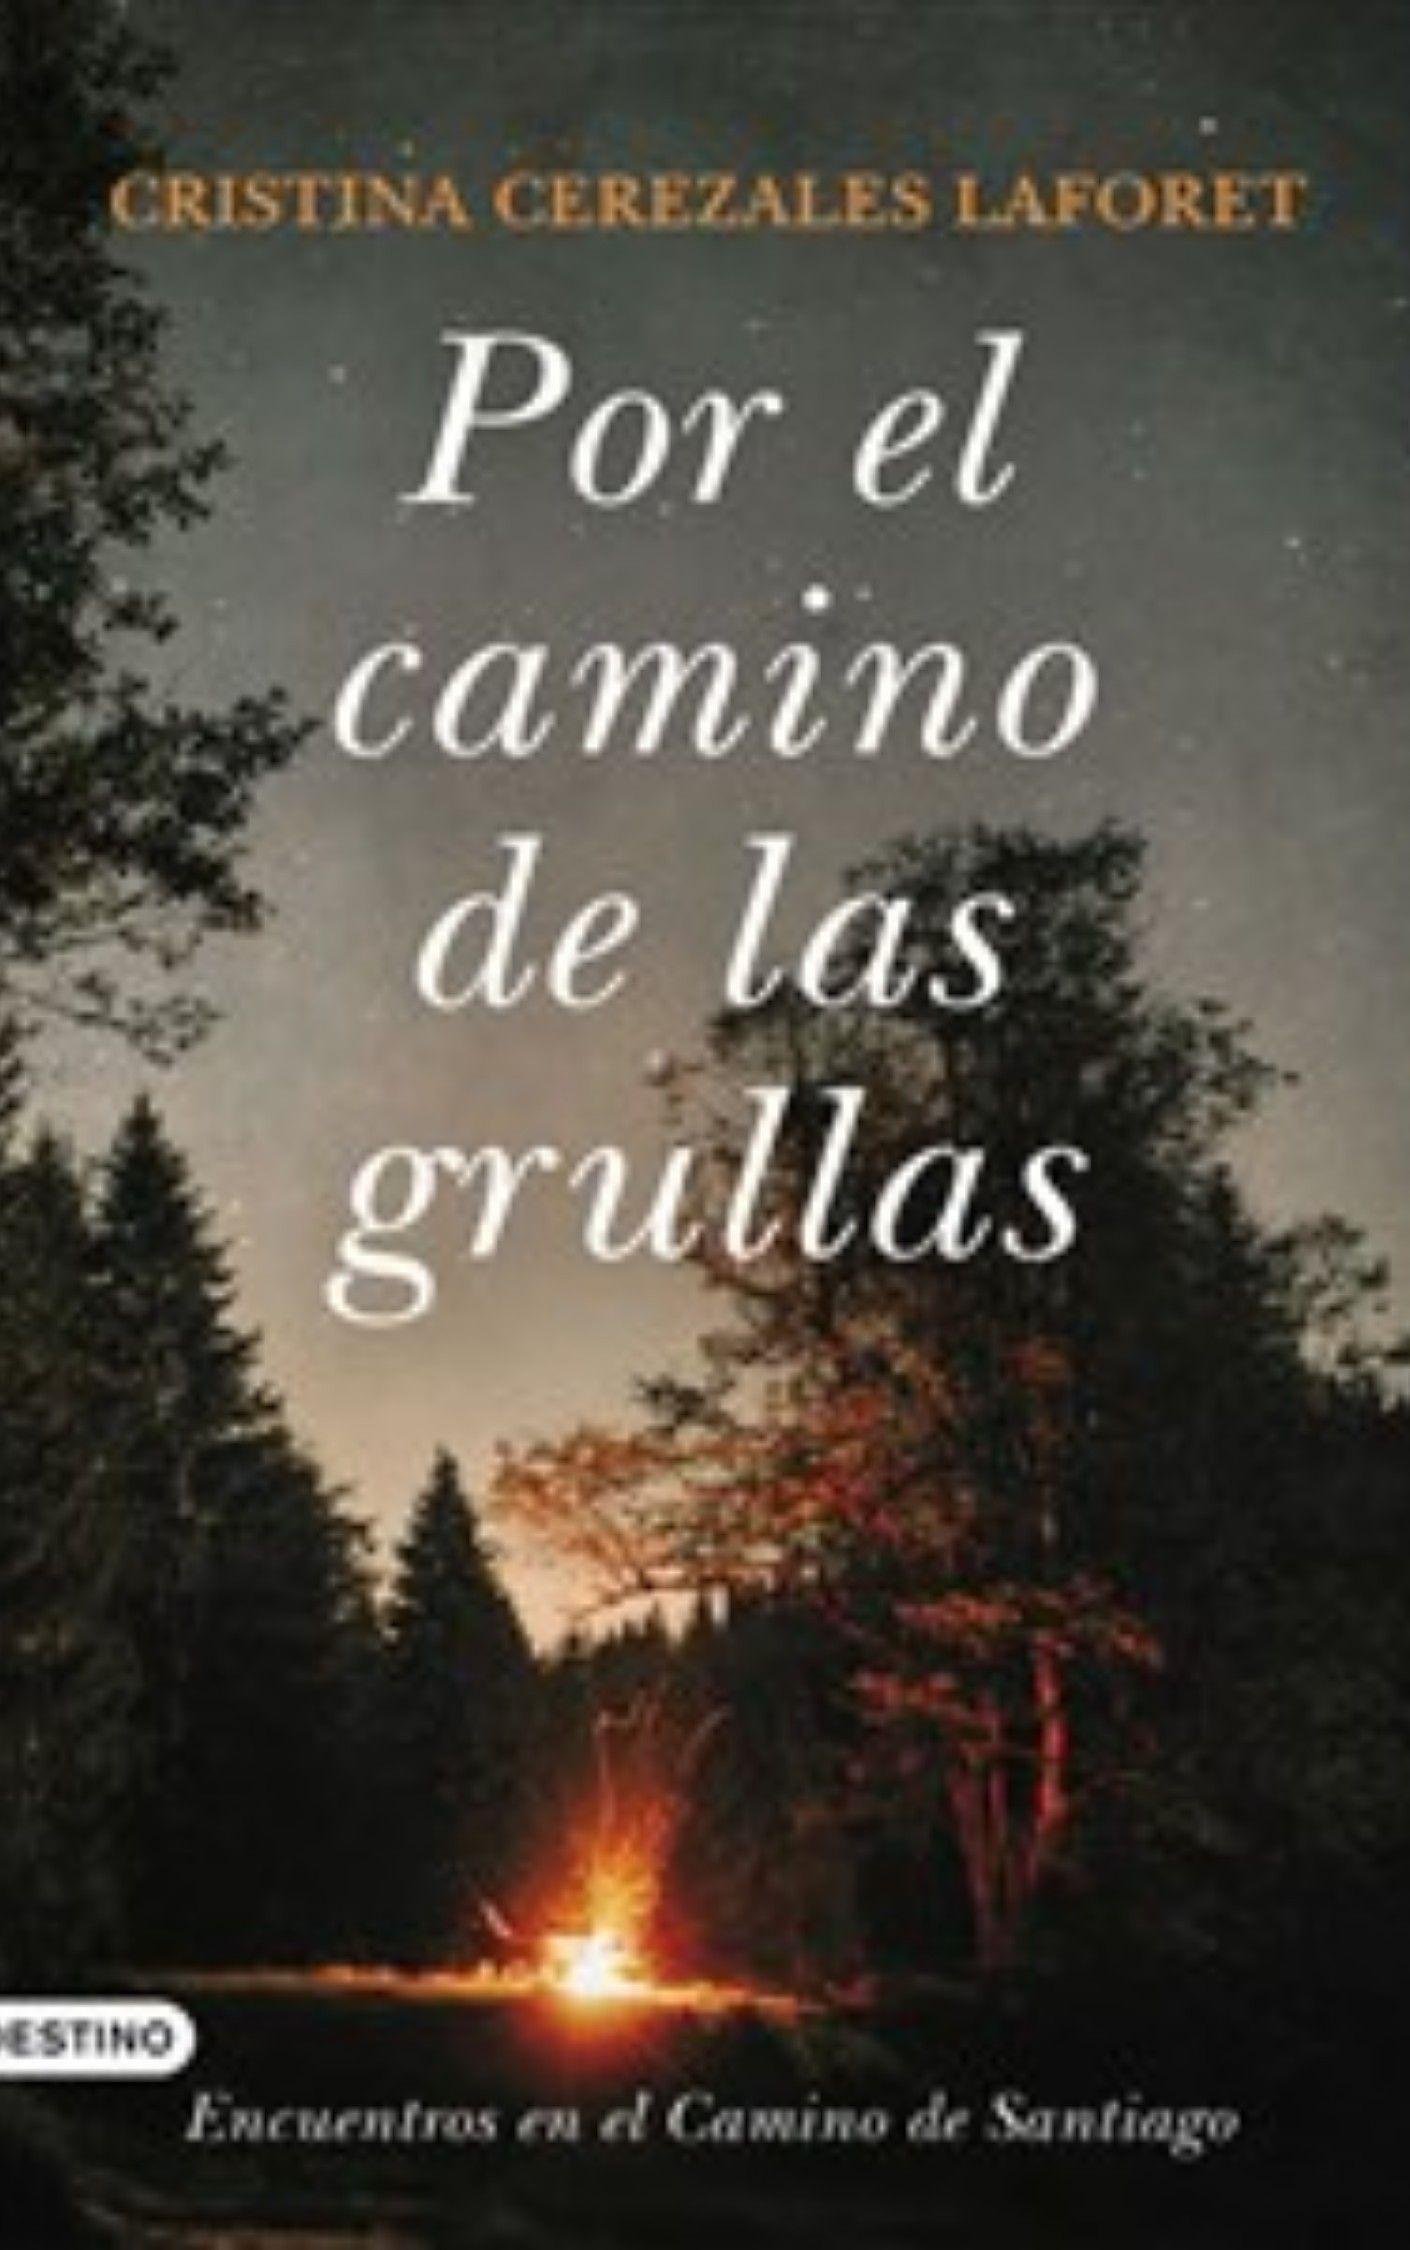 Pin De Gloria M En Libros En 2020 Libros Editoriales Espanolas Libreria